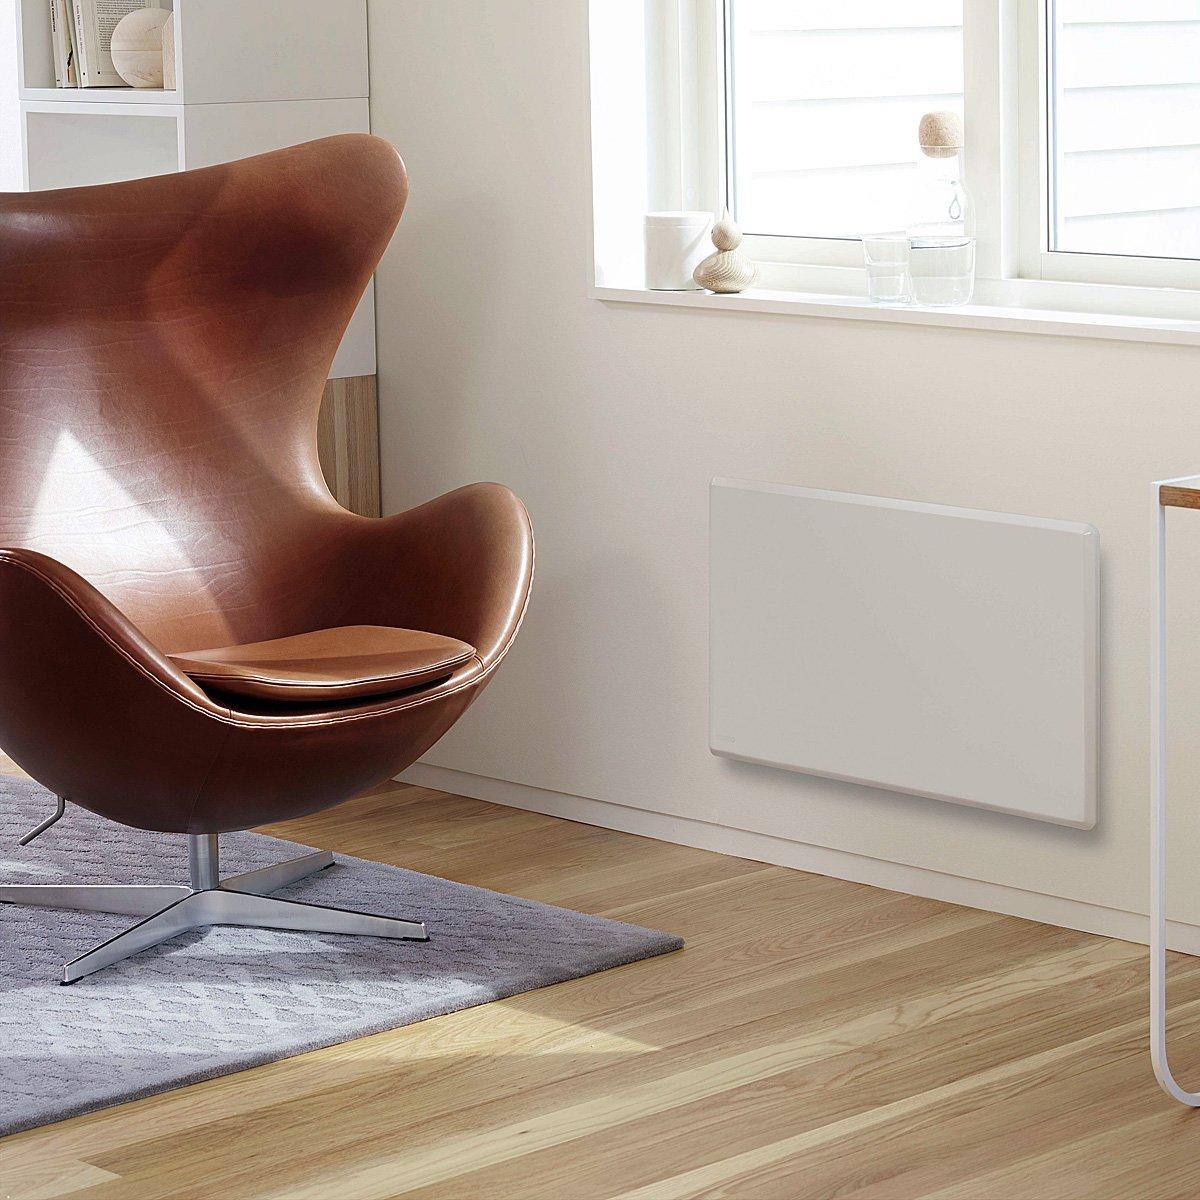 completo de termostato digital ncu-2te conforme a la norma eurepea ERP 2018 ideal hasta a 20/m/² Radiador el/éctrico Noruega NOBO 1000/W